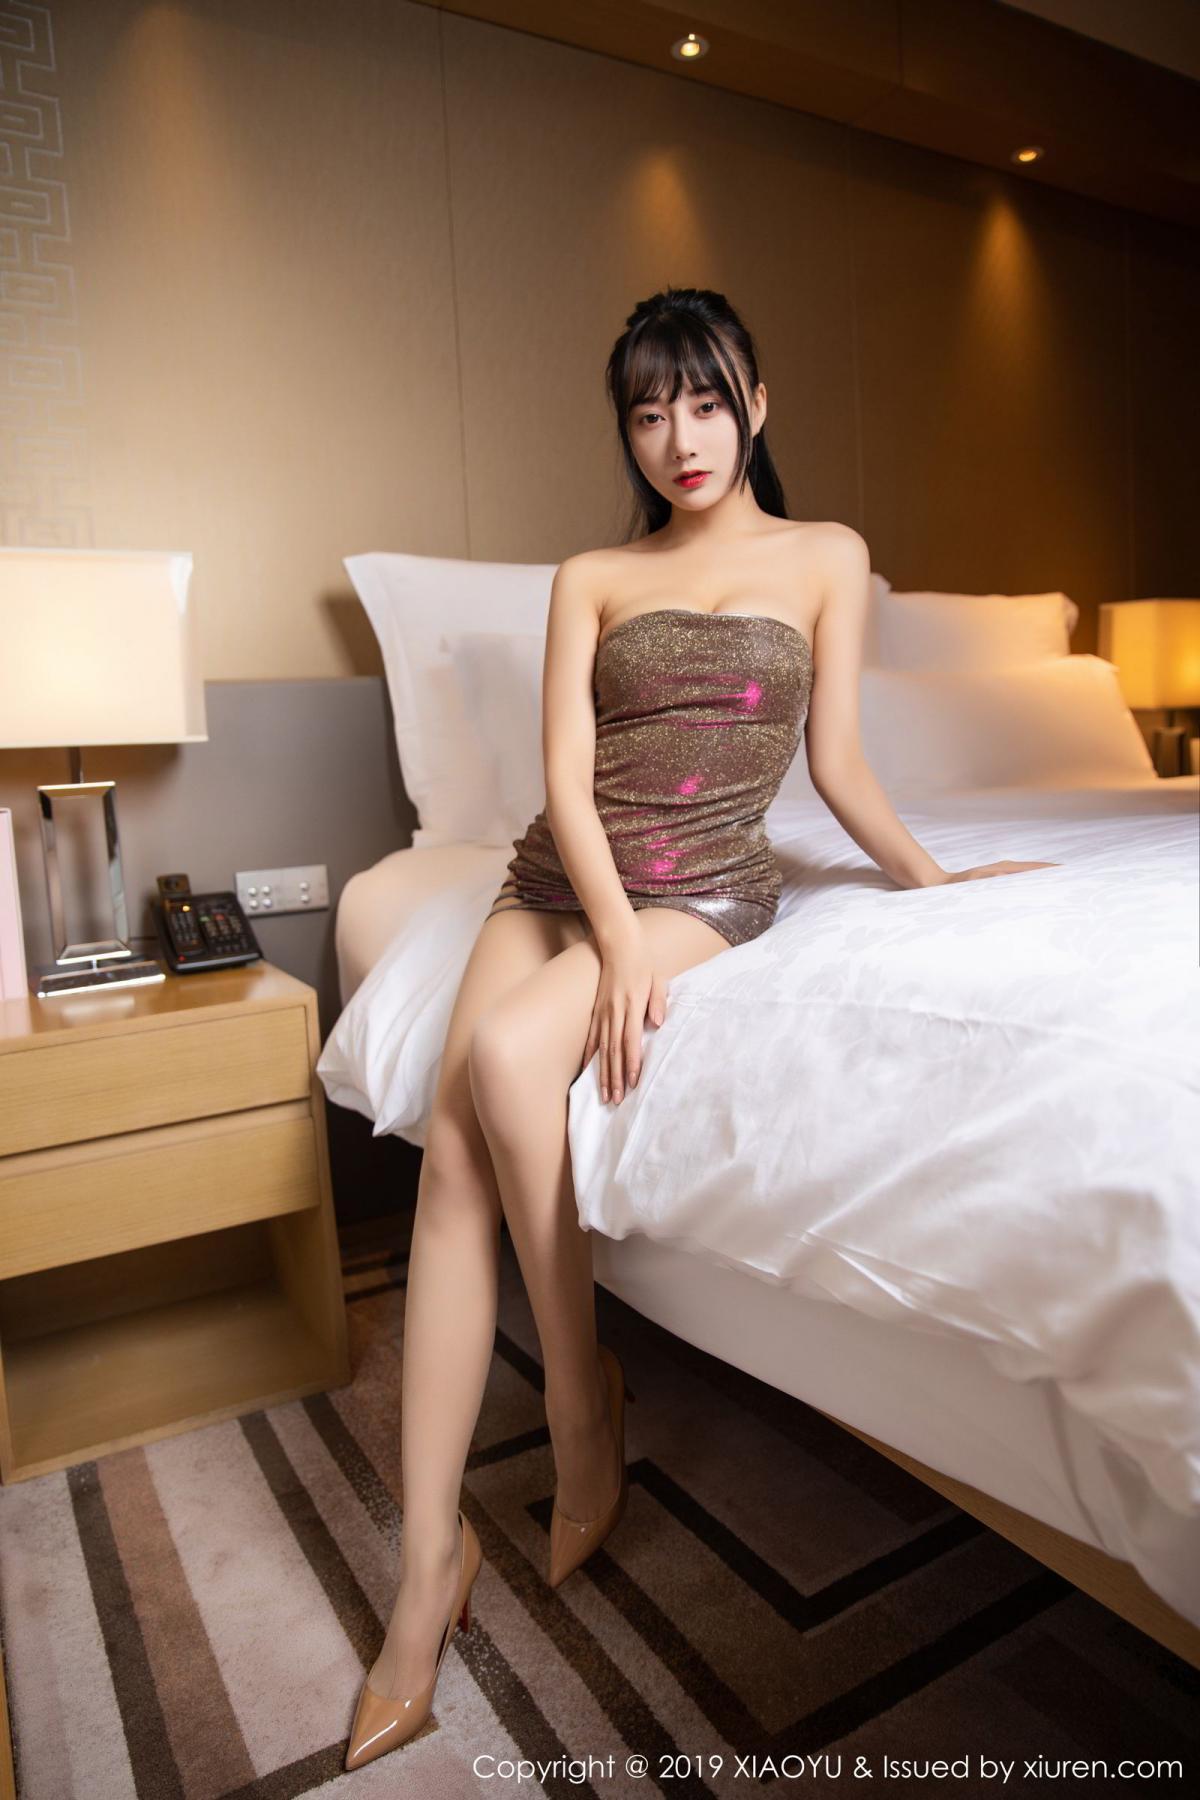 [XiaoYu] Vol.159 He Jia Ying 21P, He Jia Ying, Tall, XiaoYu